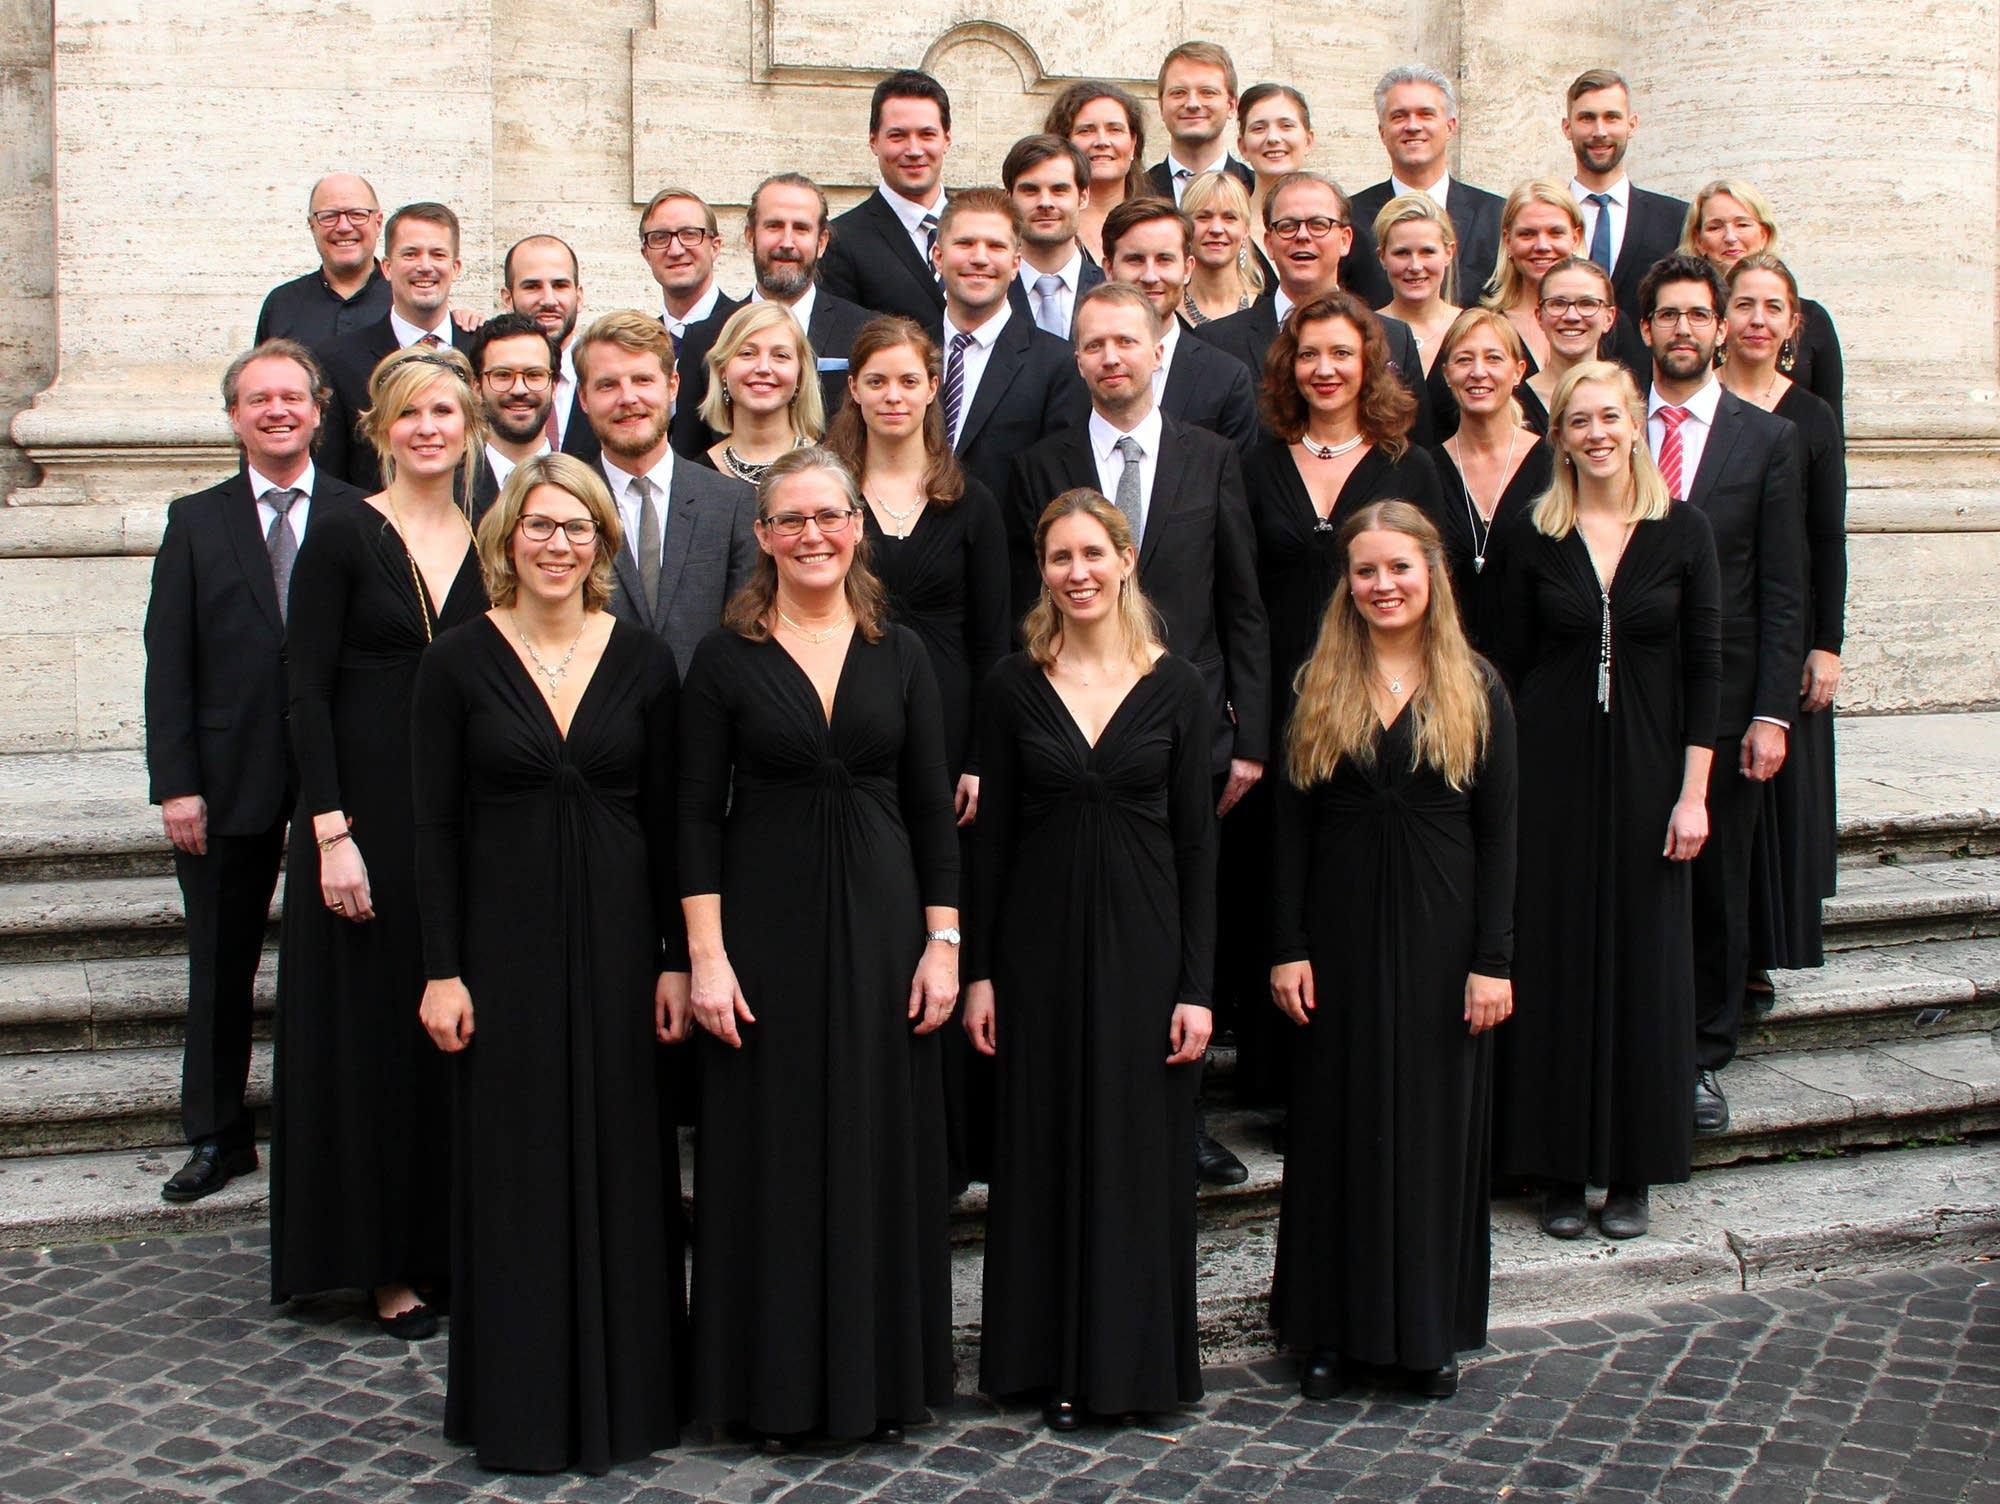 St. Jacob's Chamber Choir